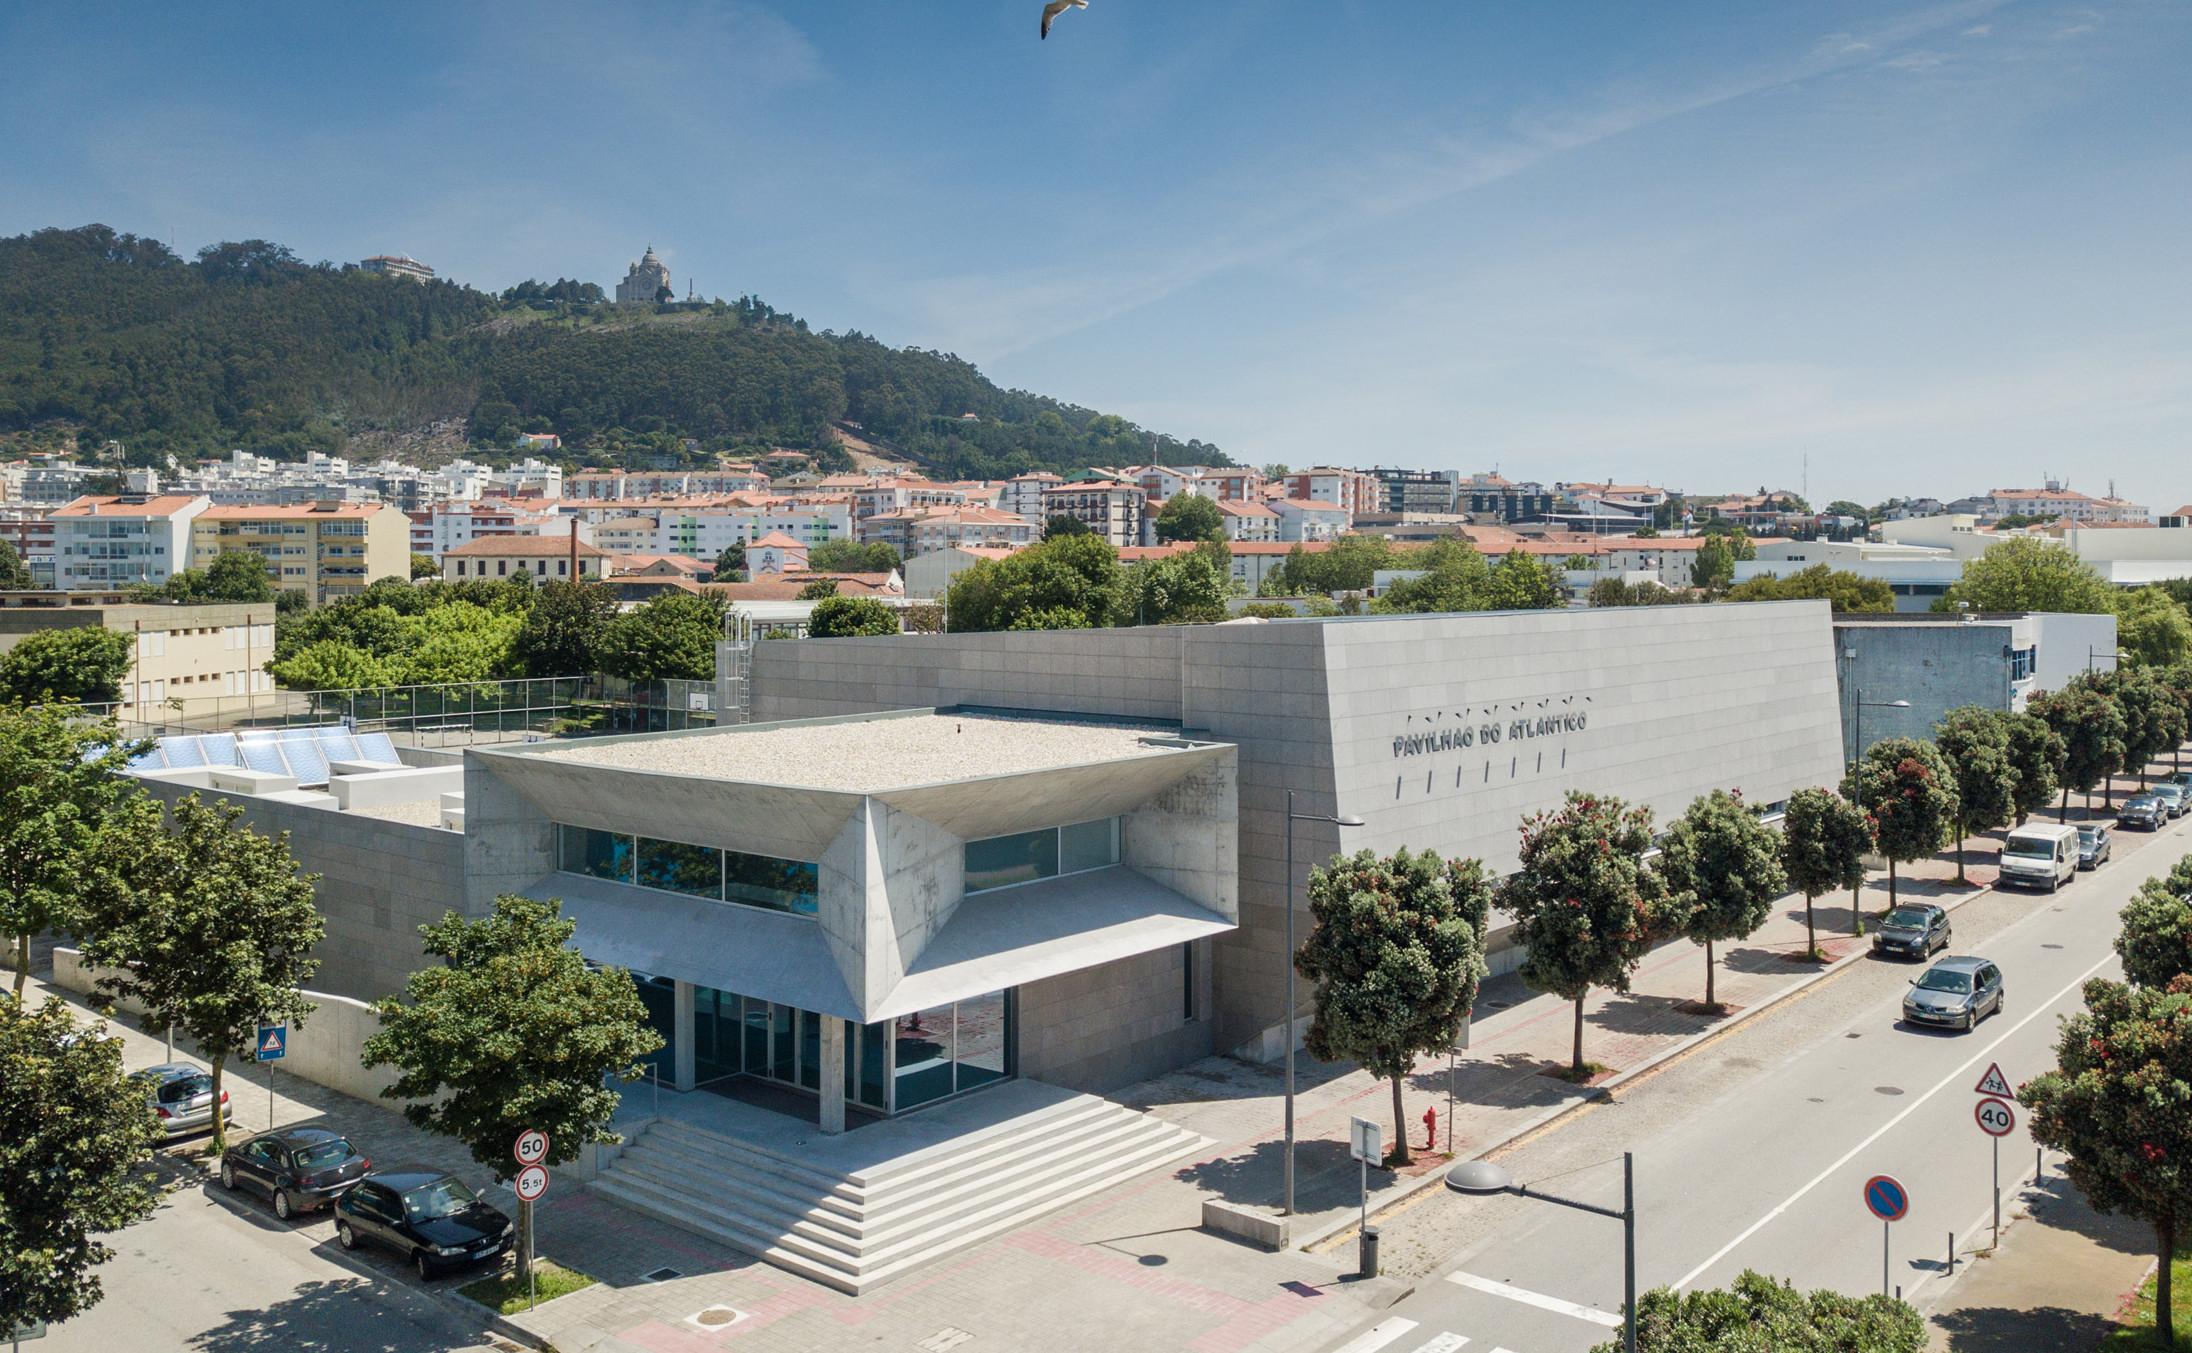 atlantic-pavilion-valdemar-coutinho-architecture_dezeen_2364_col_0